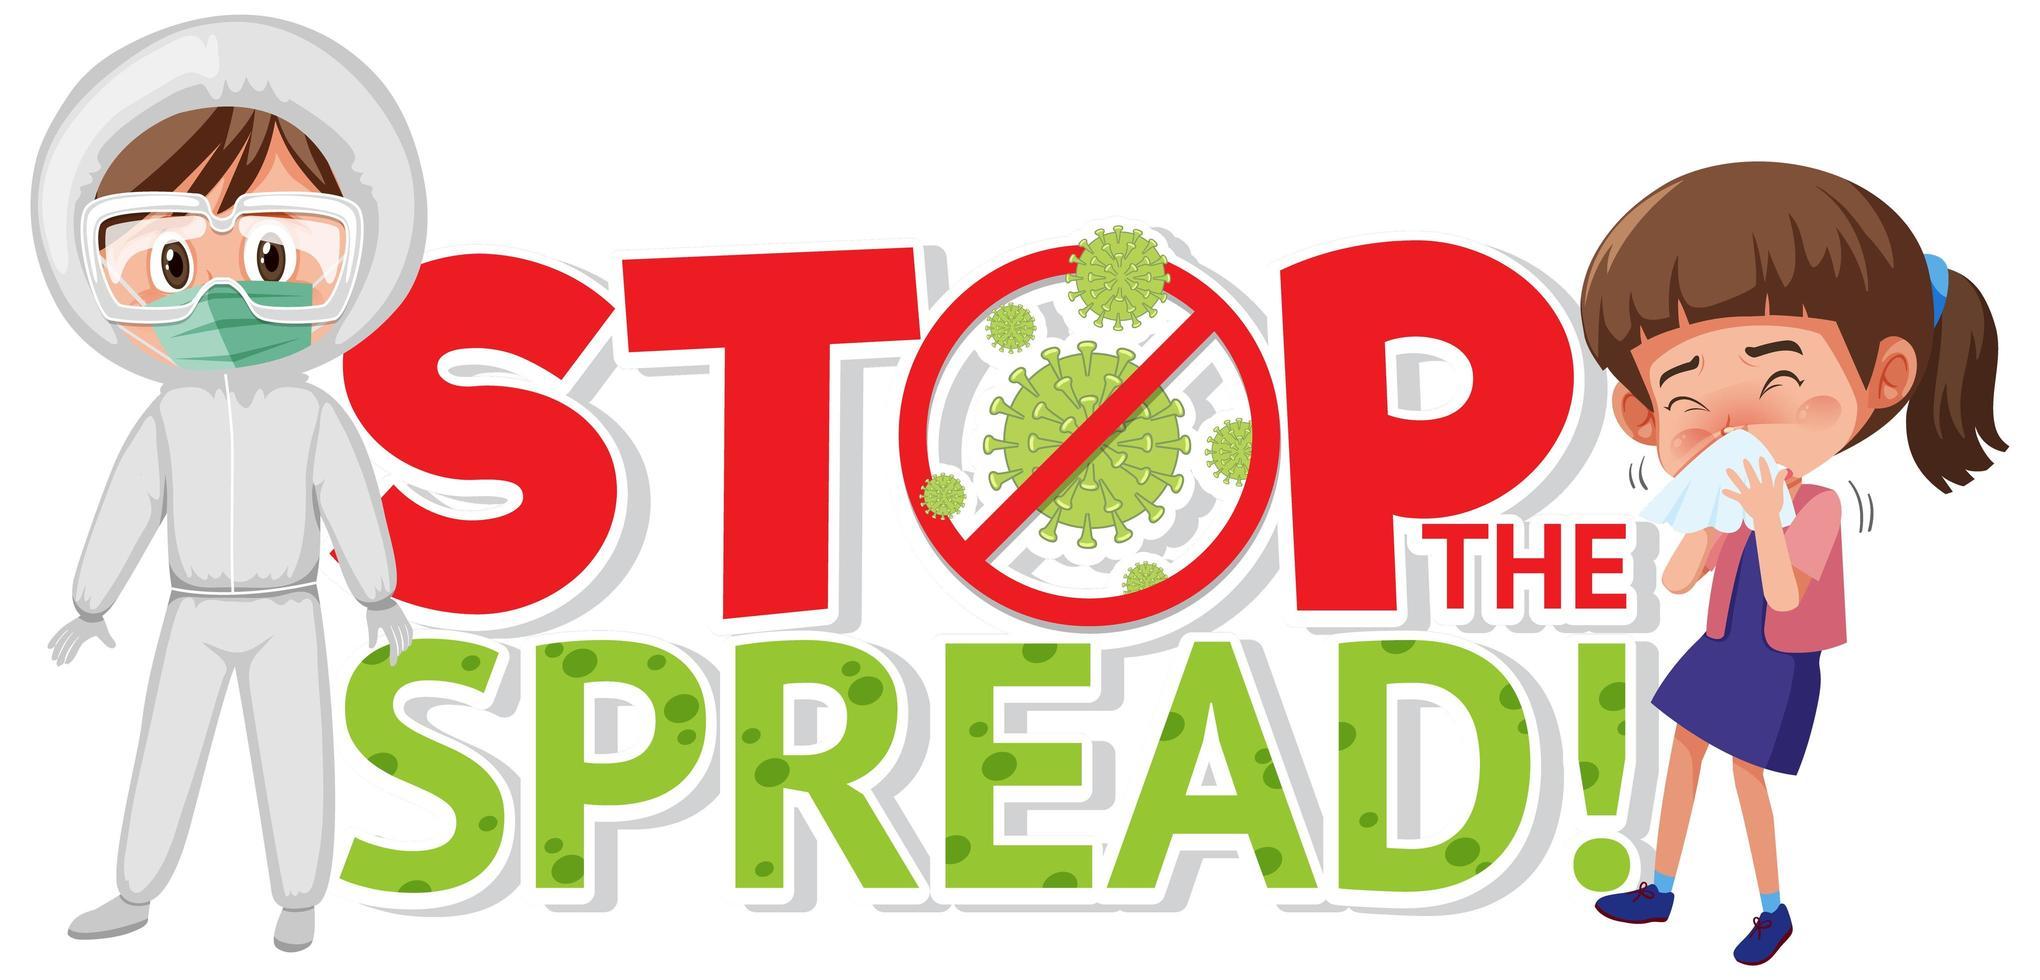 affiche de coronavirus avec arrêt de la conception de la propagation avec une personne en costume de danger biologique vecteur